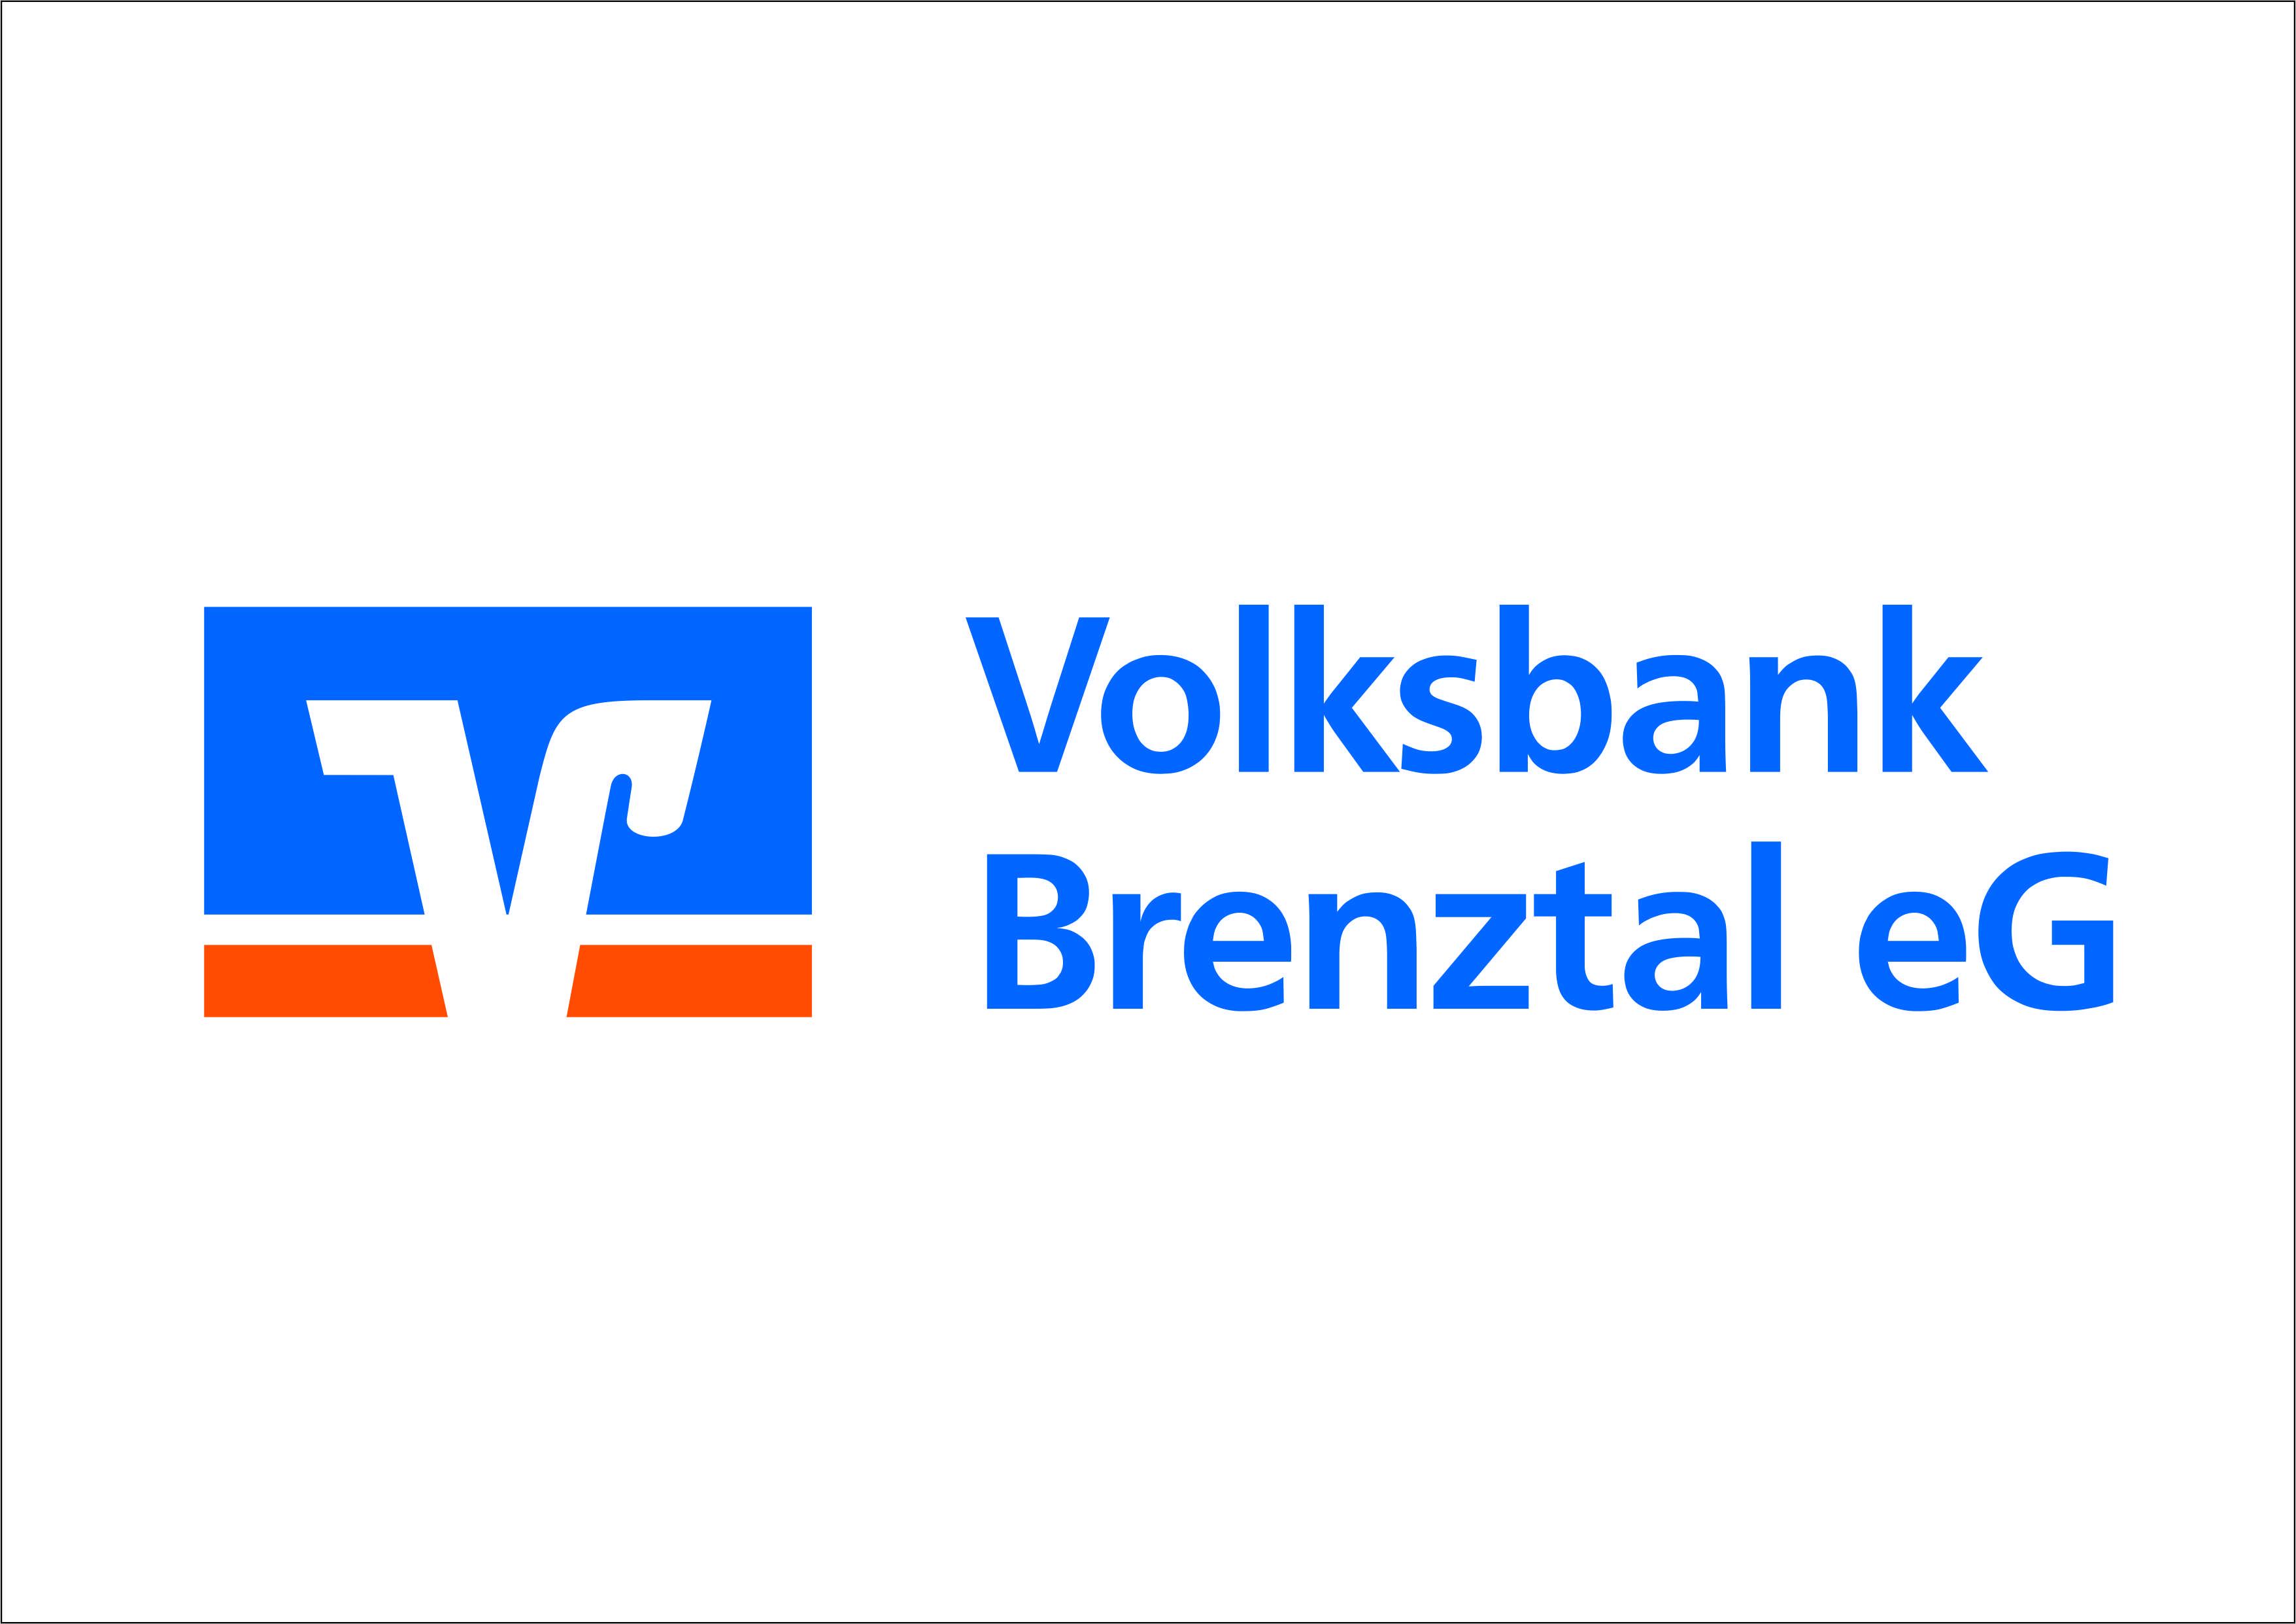 Volksbank Brenztal